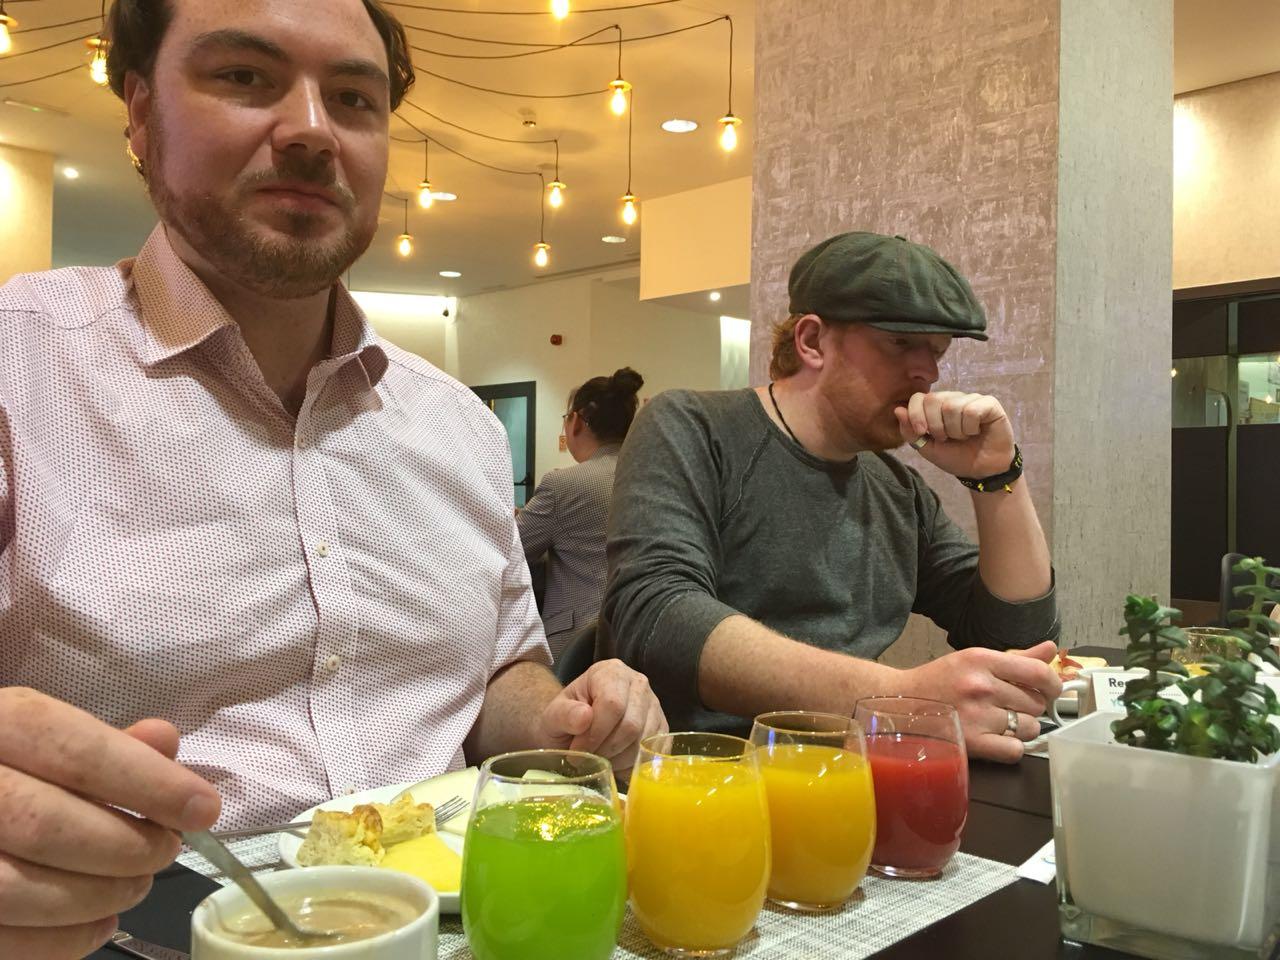 Frühstück mit sehr interessanten Säften   Breakfast with interesting juices